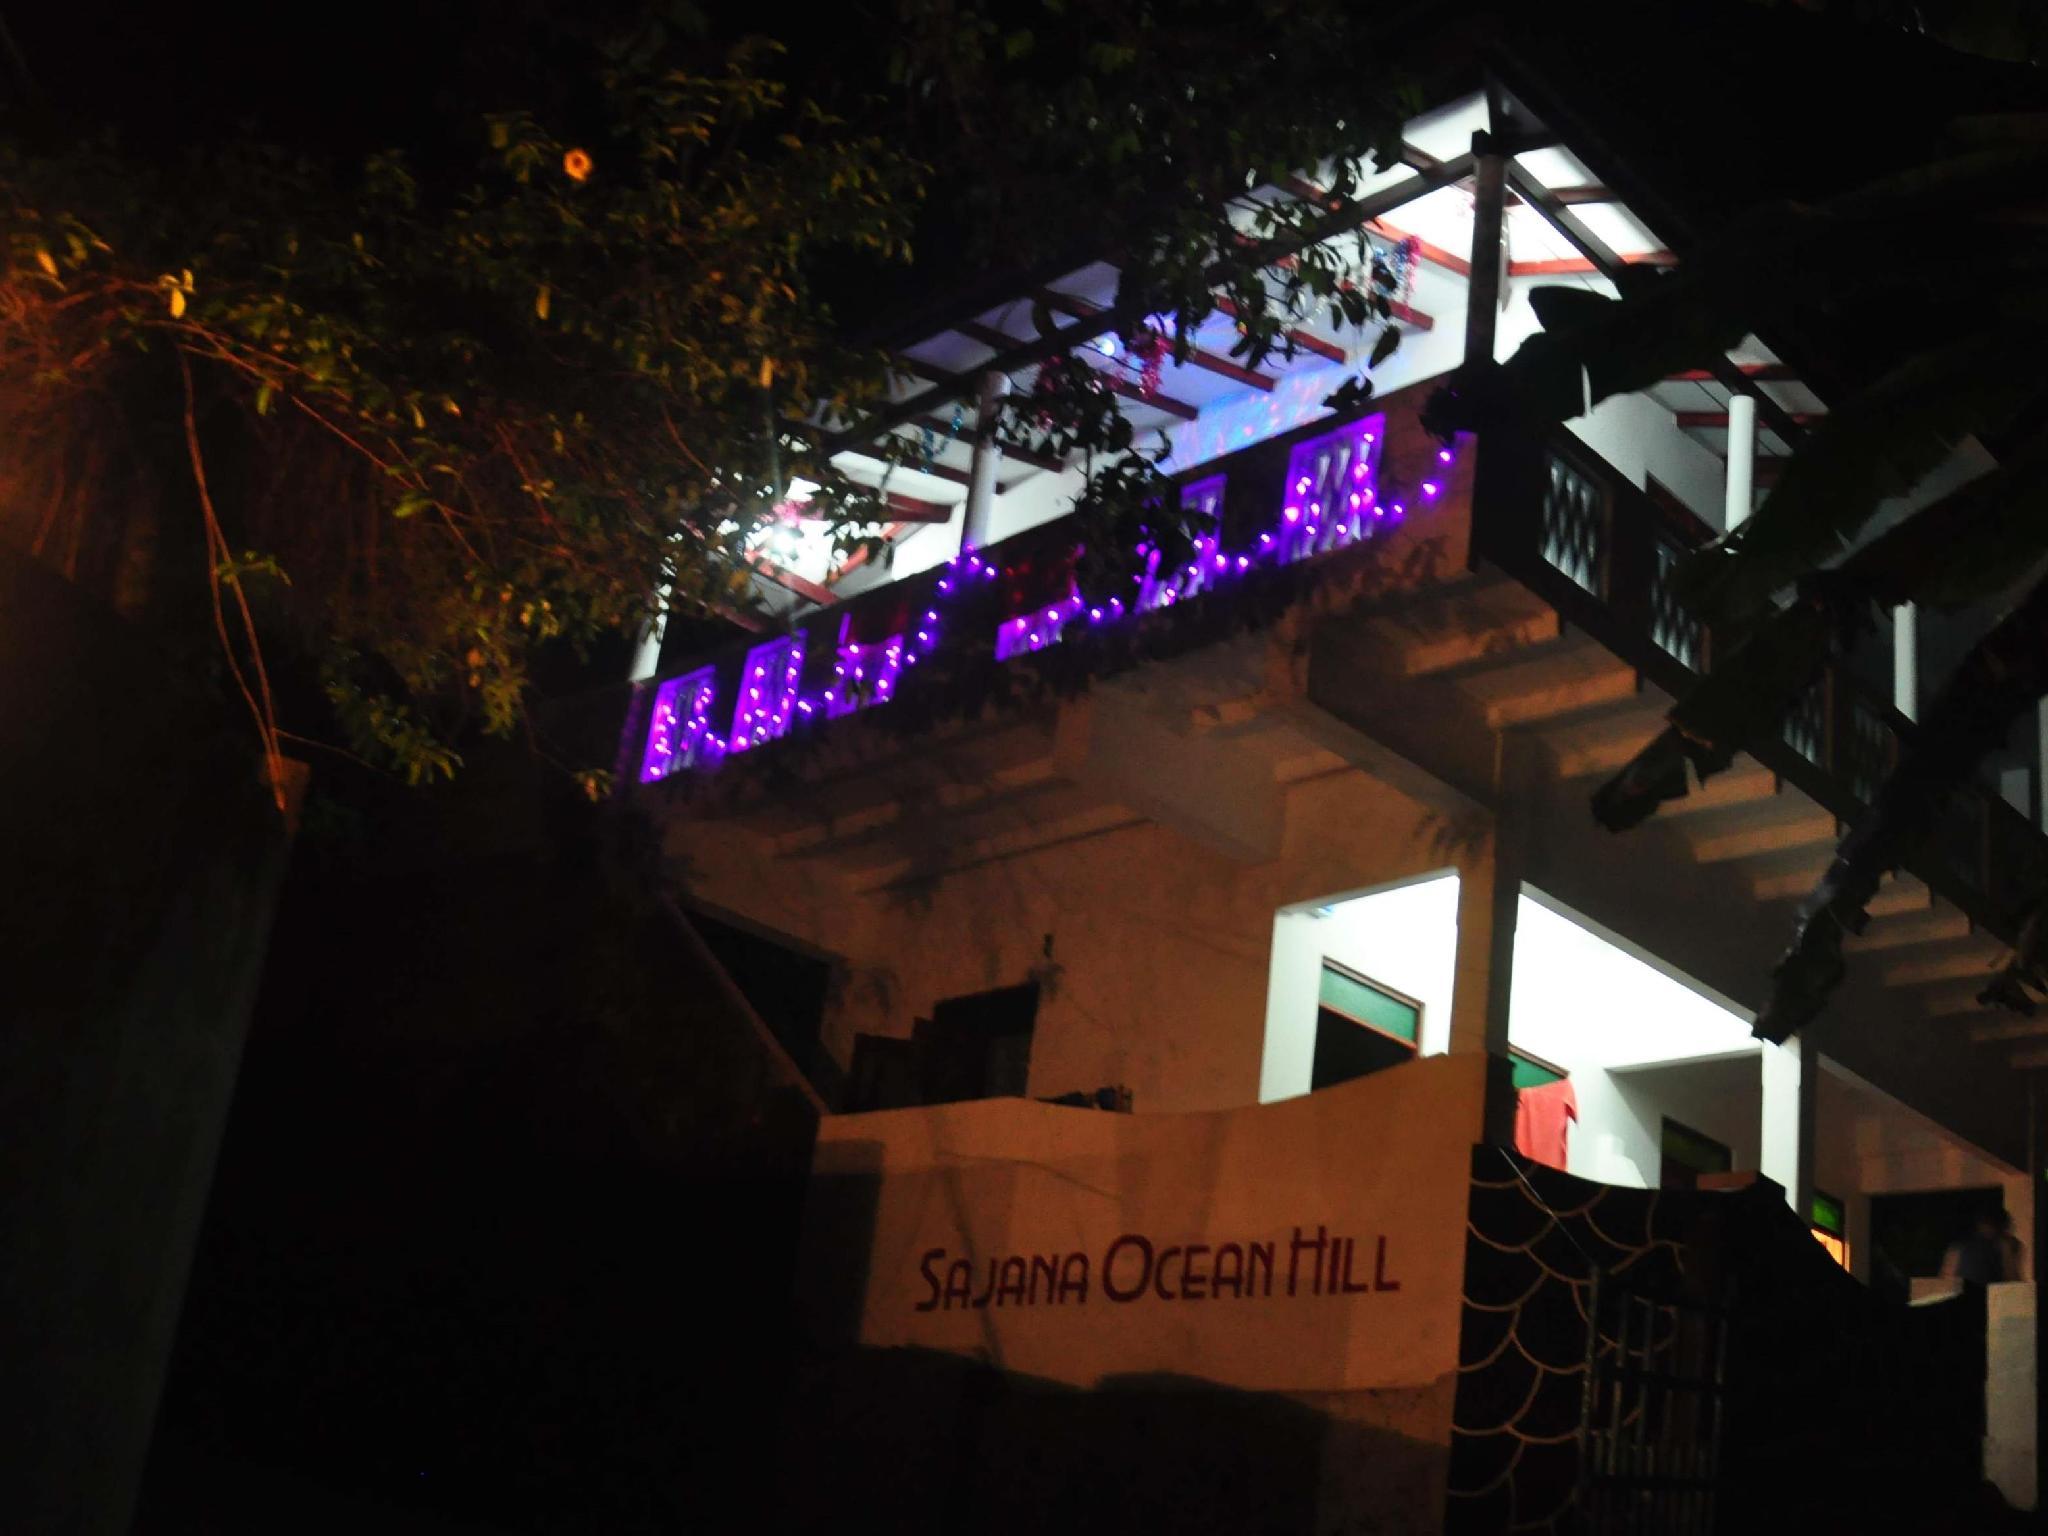 Sajana Ocean Hill Hotel